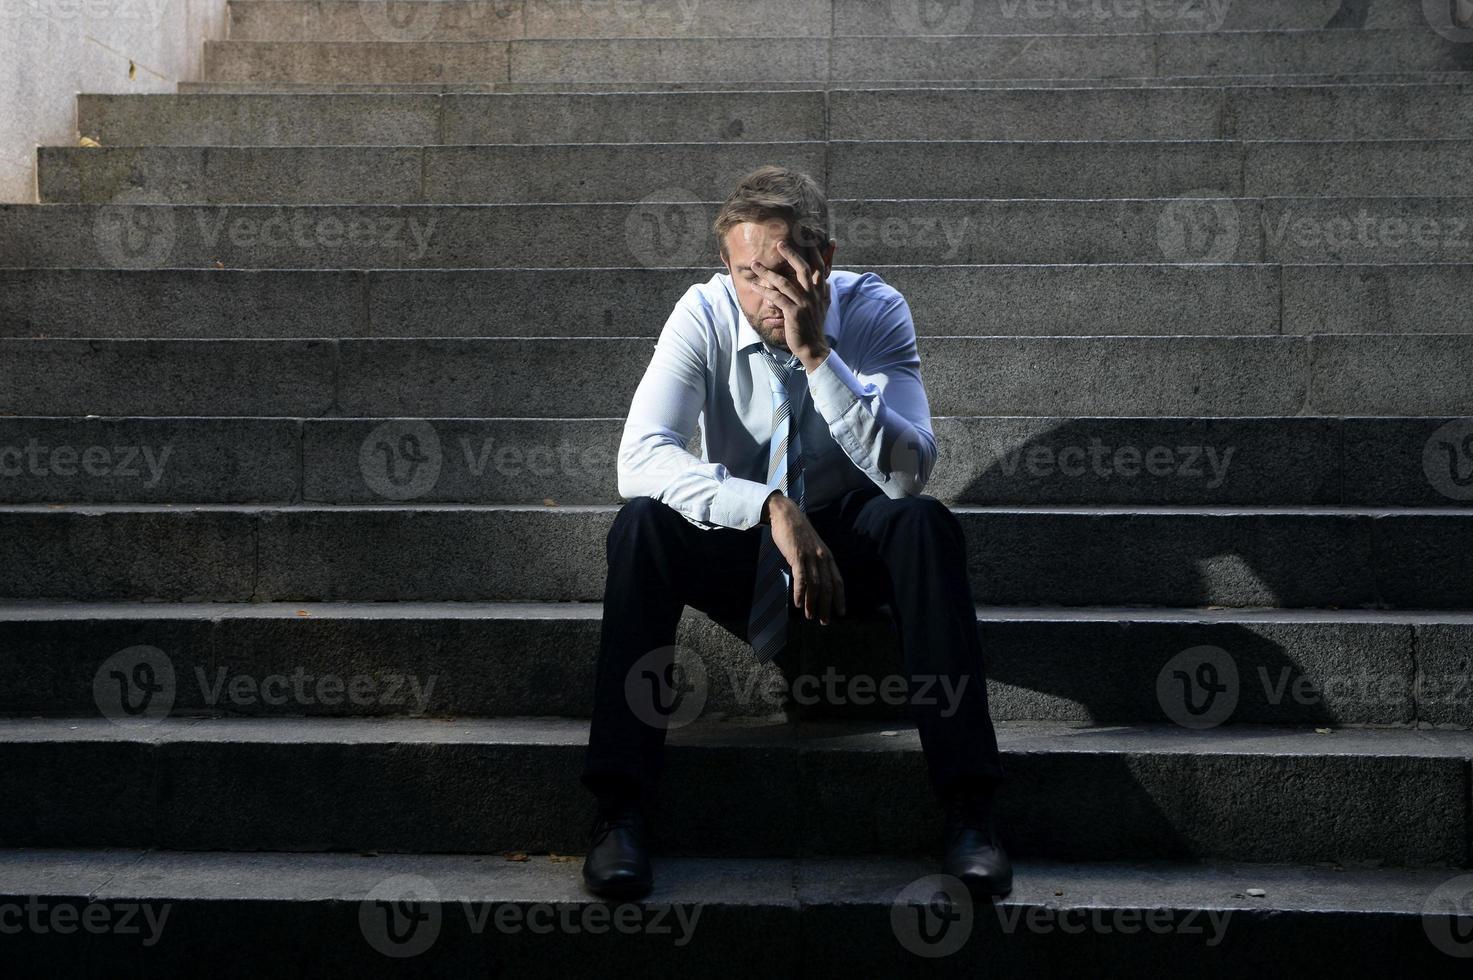 homme affaires, pleurer, perdu, dépression, séance, rue, béton, escalier photo